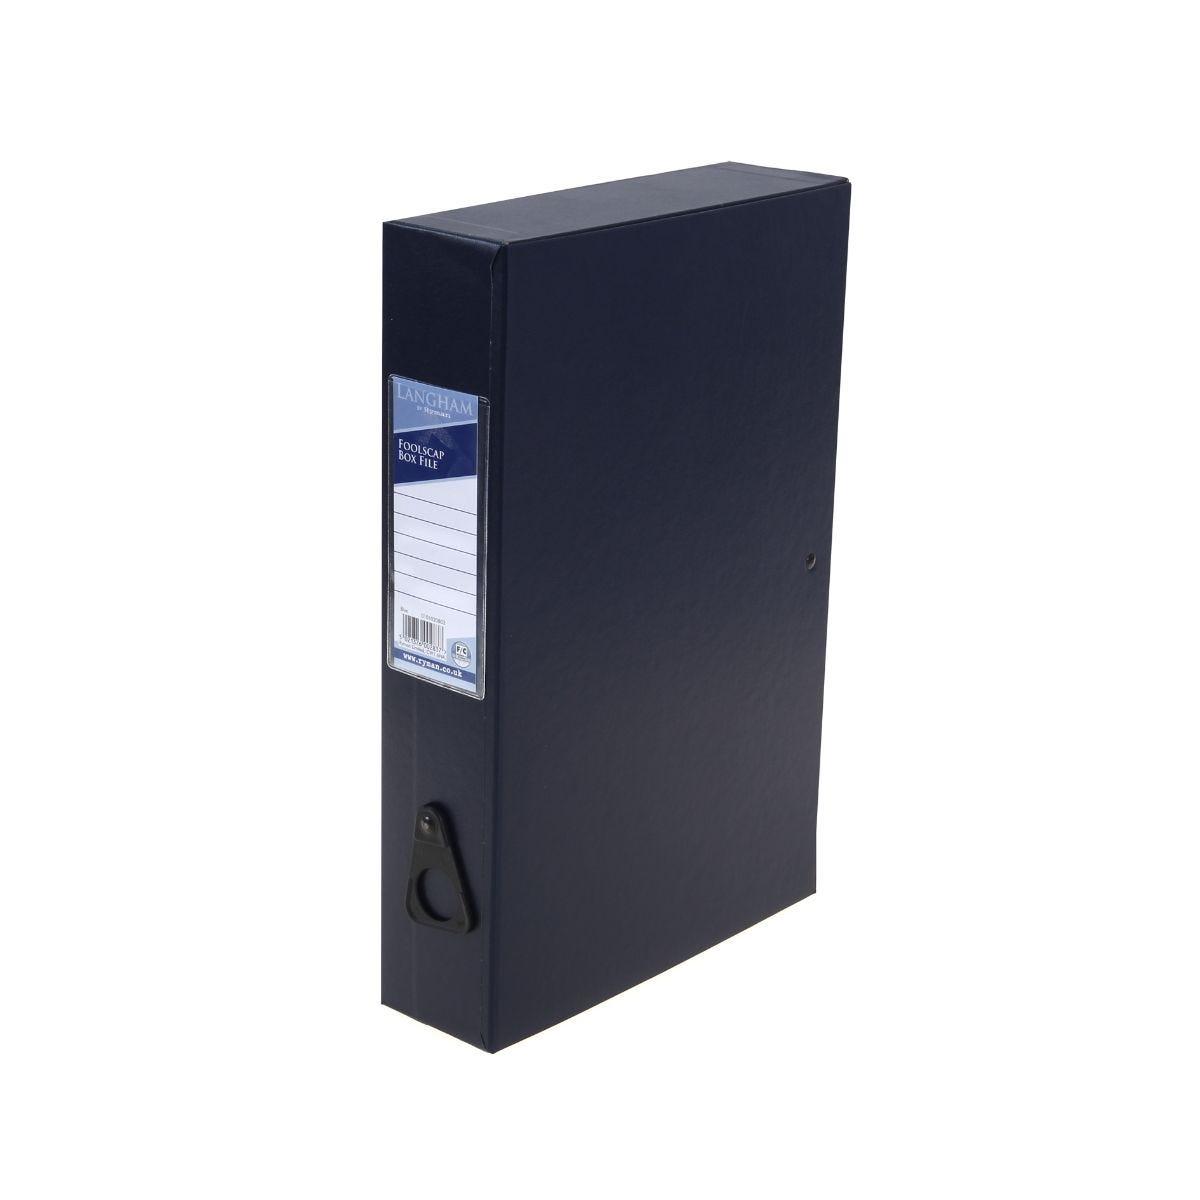 Visualizza prodotto: Ryman Langham Box File Foolscap Blue, Blue